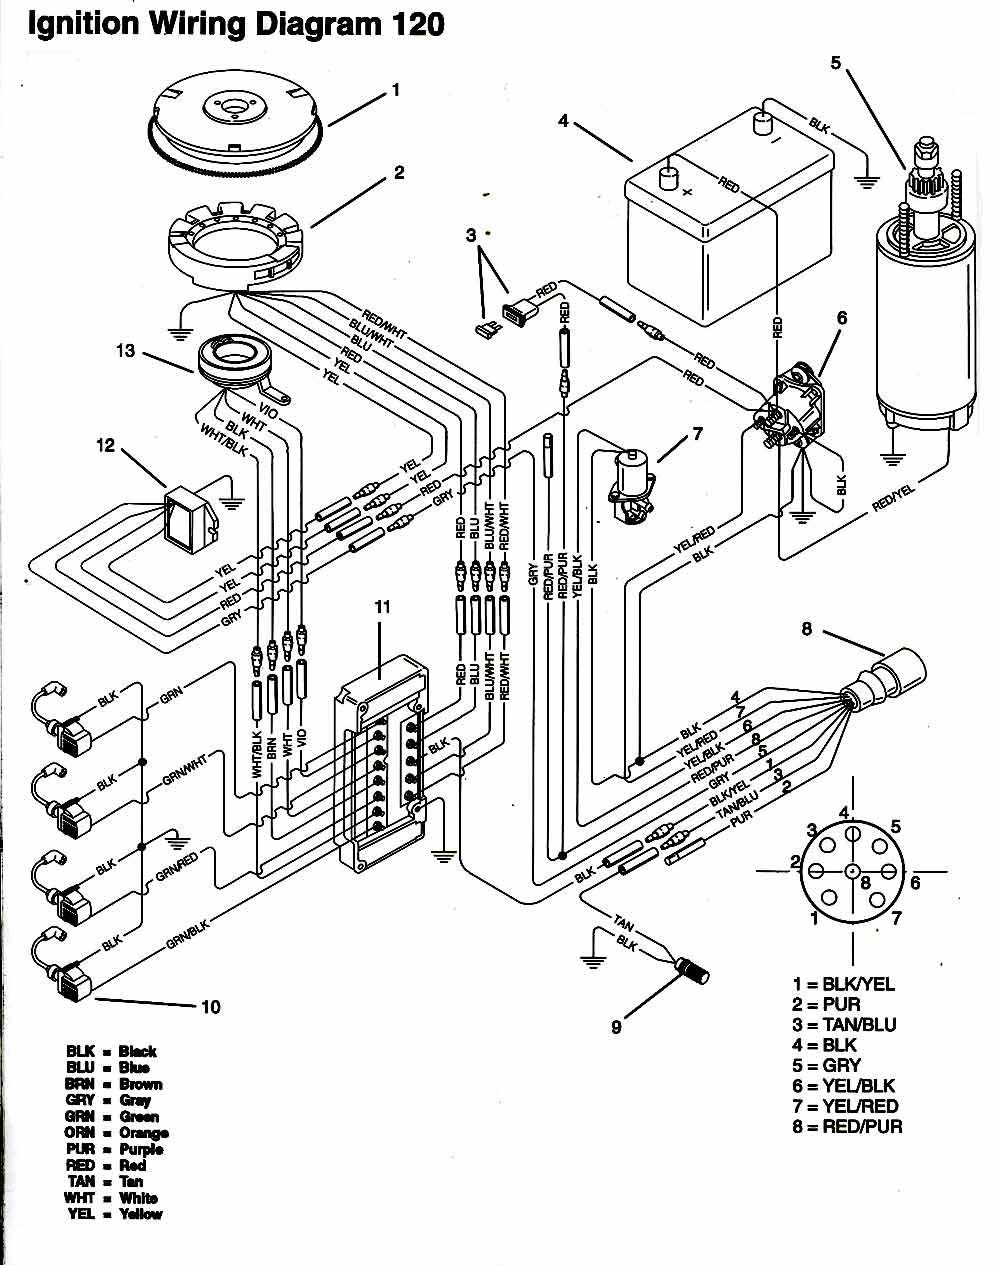 Super Boat Part Diagram Wiring Diagram Wiring Cloud Uslyletkolfr09Org